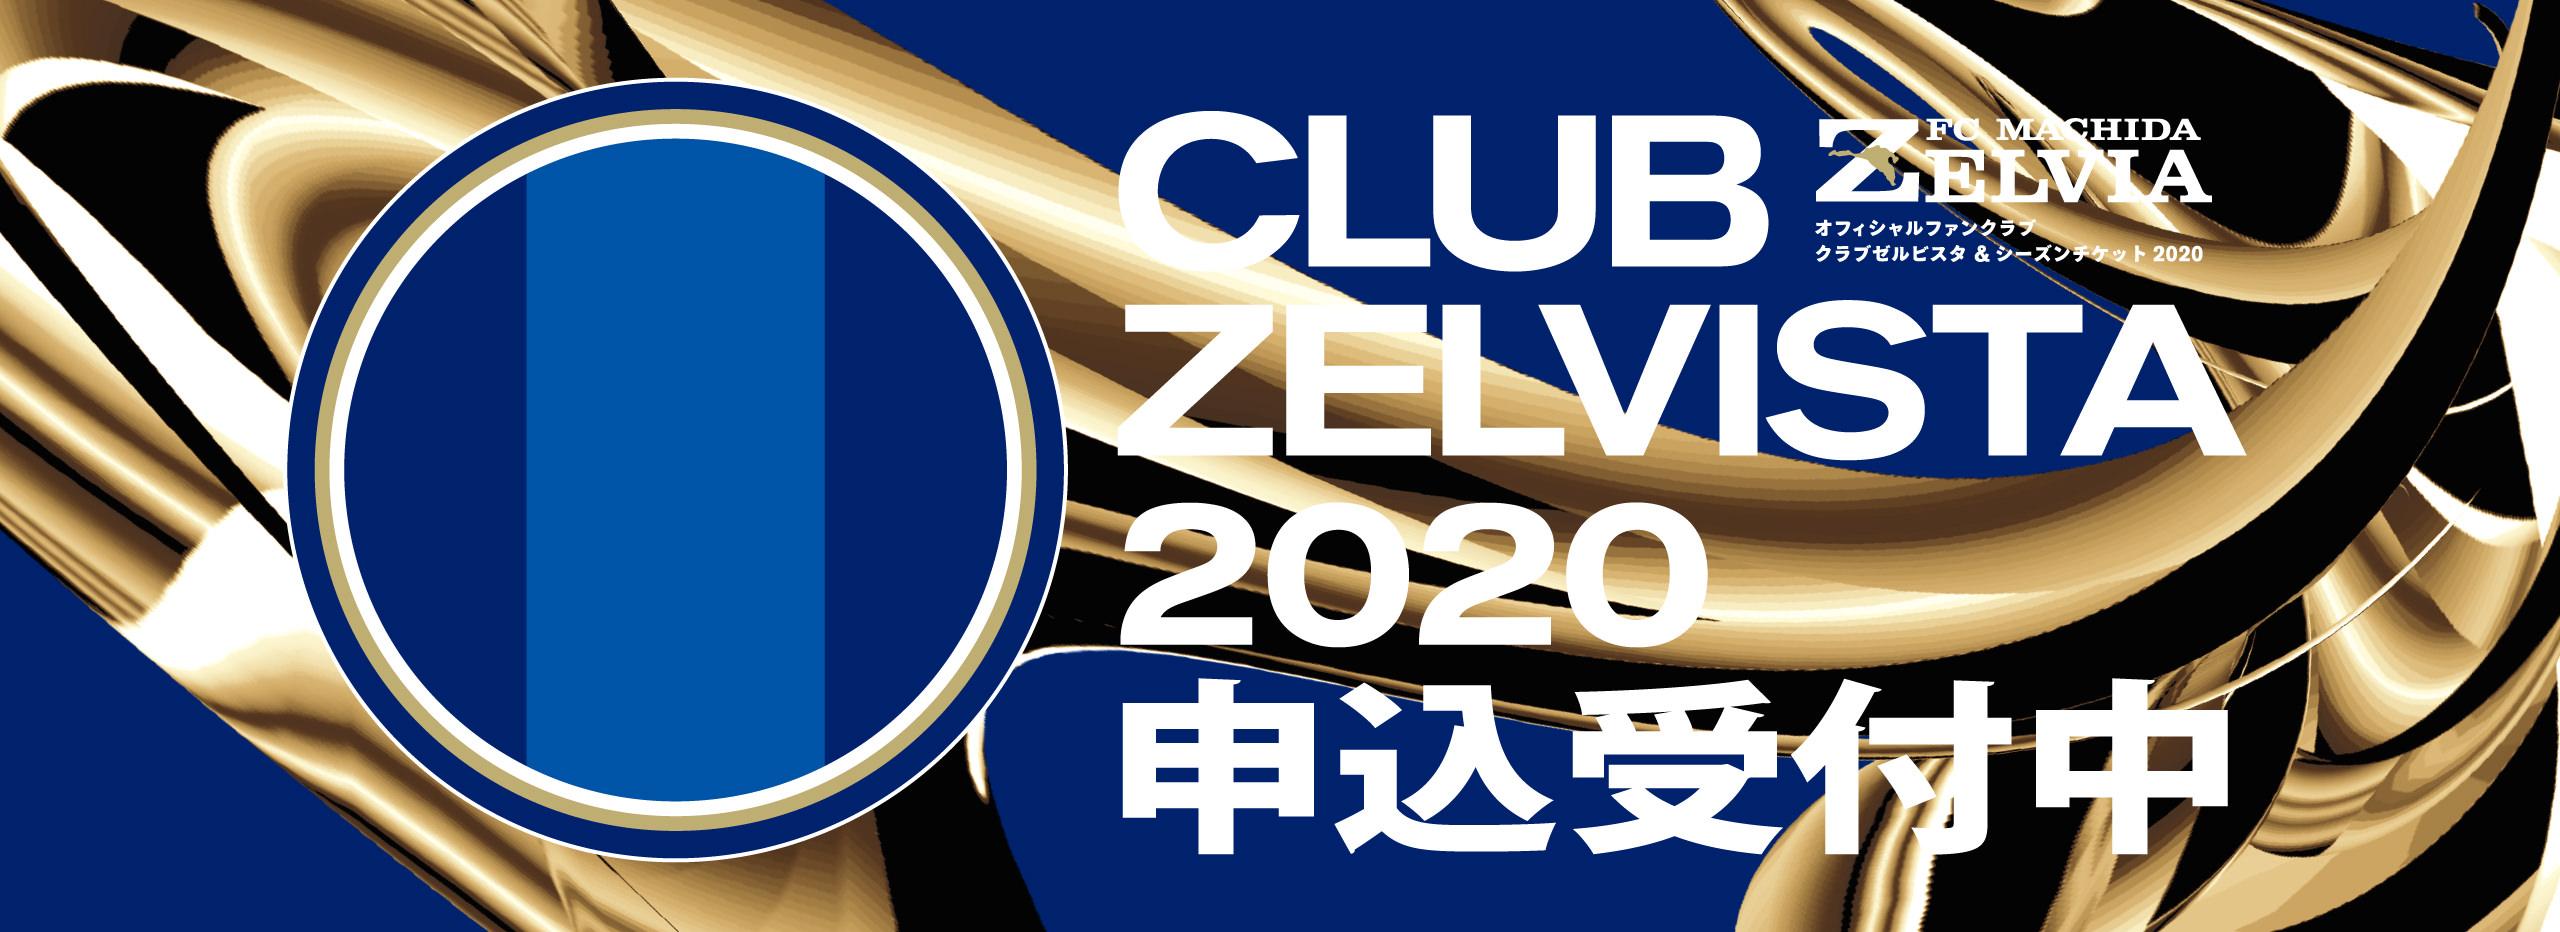 CLUB ZELVISTA 2020 申込受付中